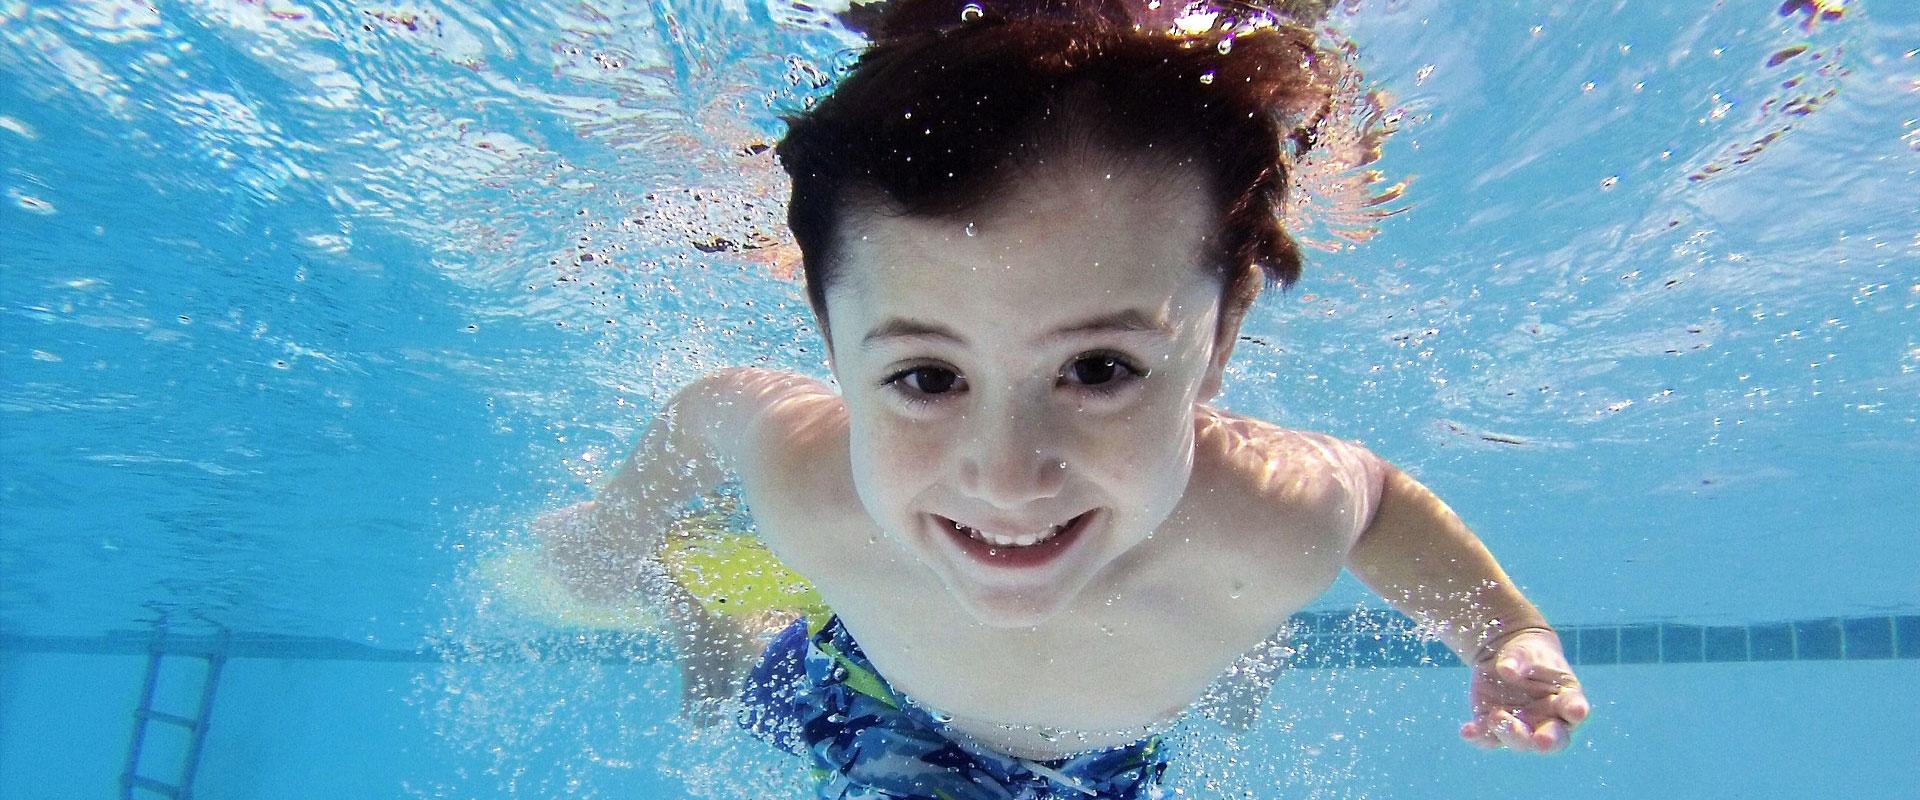 clases de natación para niños en Madrid